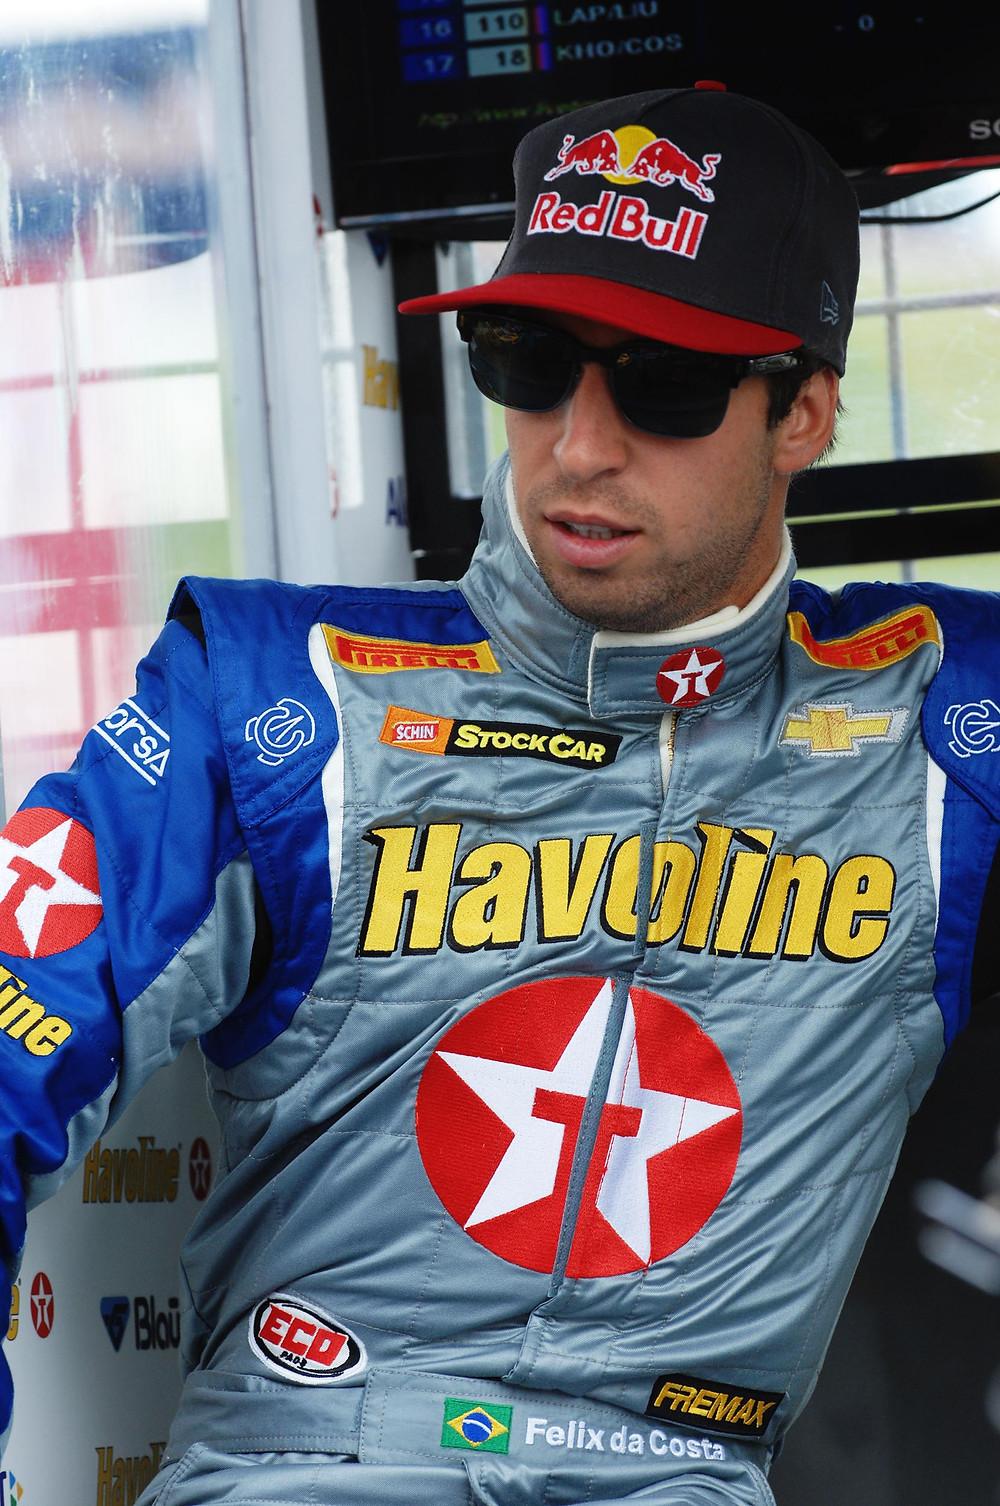 Full Time Texaco confirma Felix da Costa ao lado de Khodair na Corrida de Duplas da Stock Car